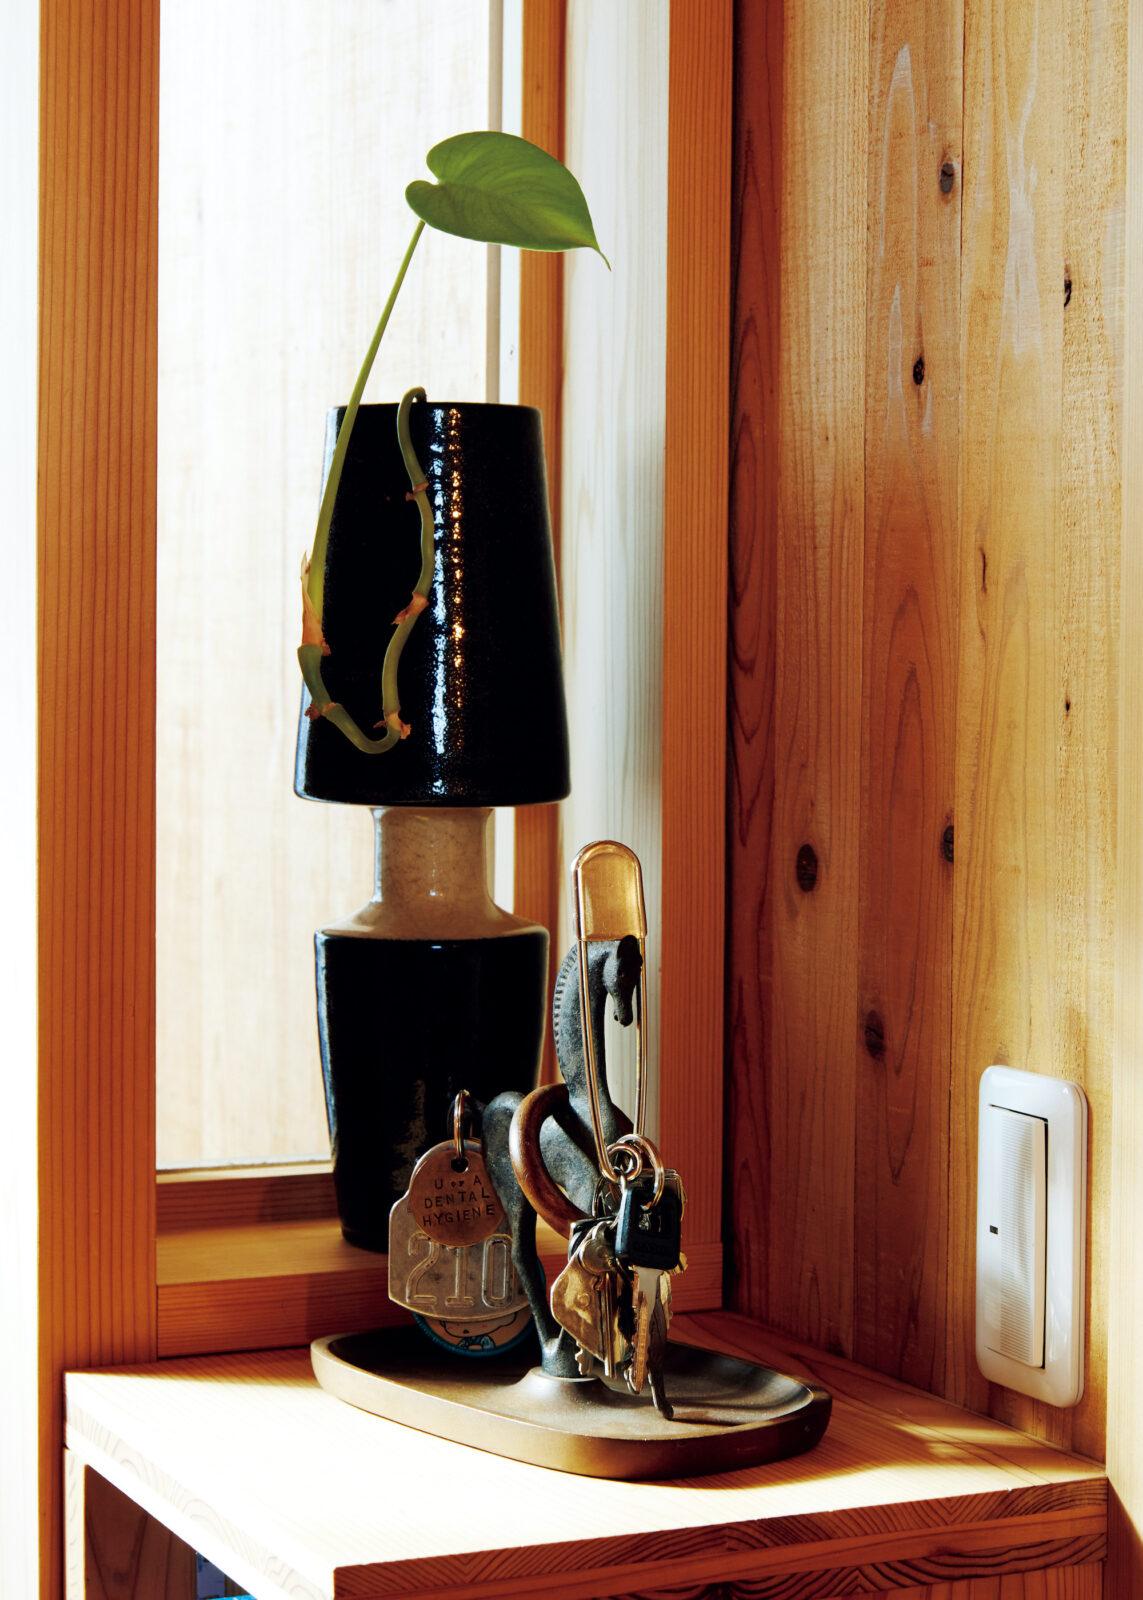 玄関横、シューズボックスの上。大須観音骨董市で購入した花瓶に、庭に生えていたグリーンを生けた。キーホルダーの引っ掛かりが計算されたブロンズの馬のオブジェも同じ骨董市で入手。